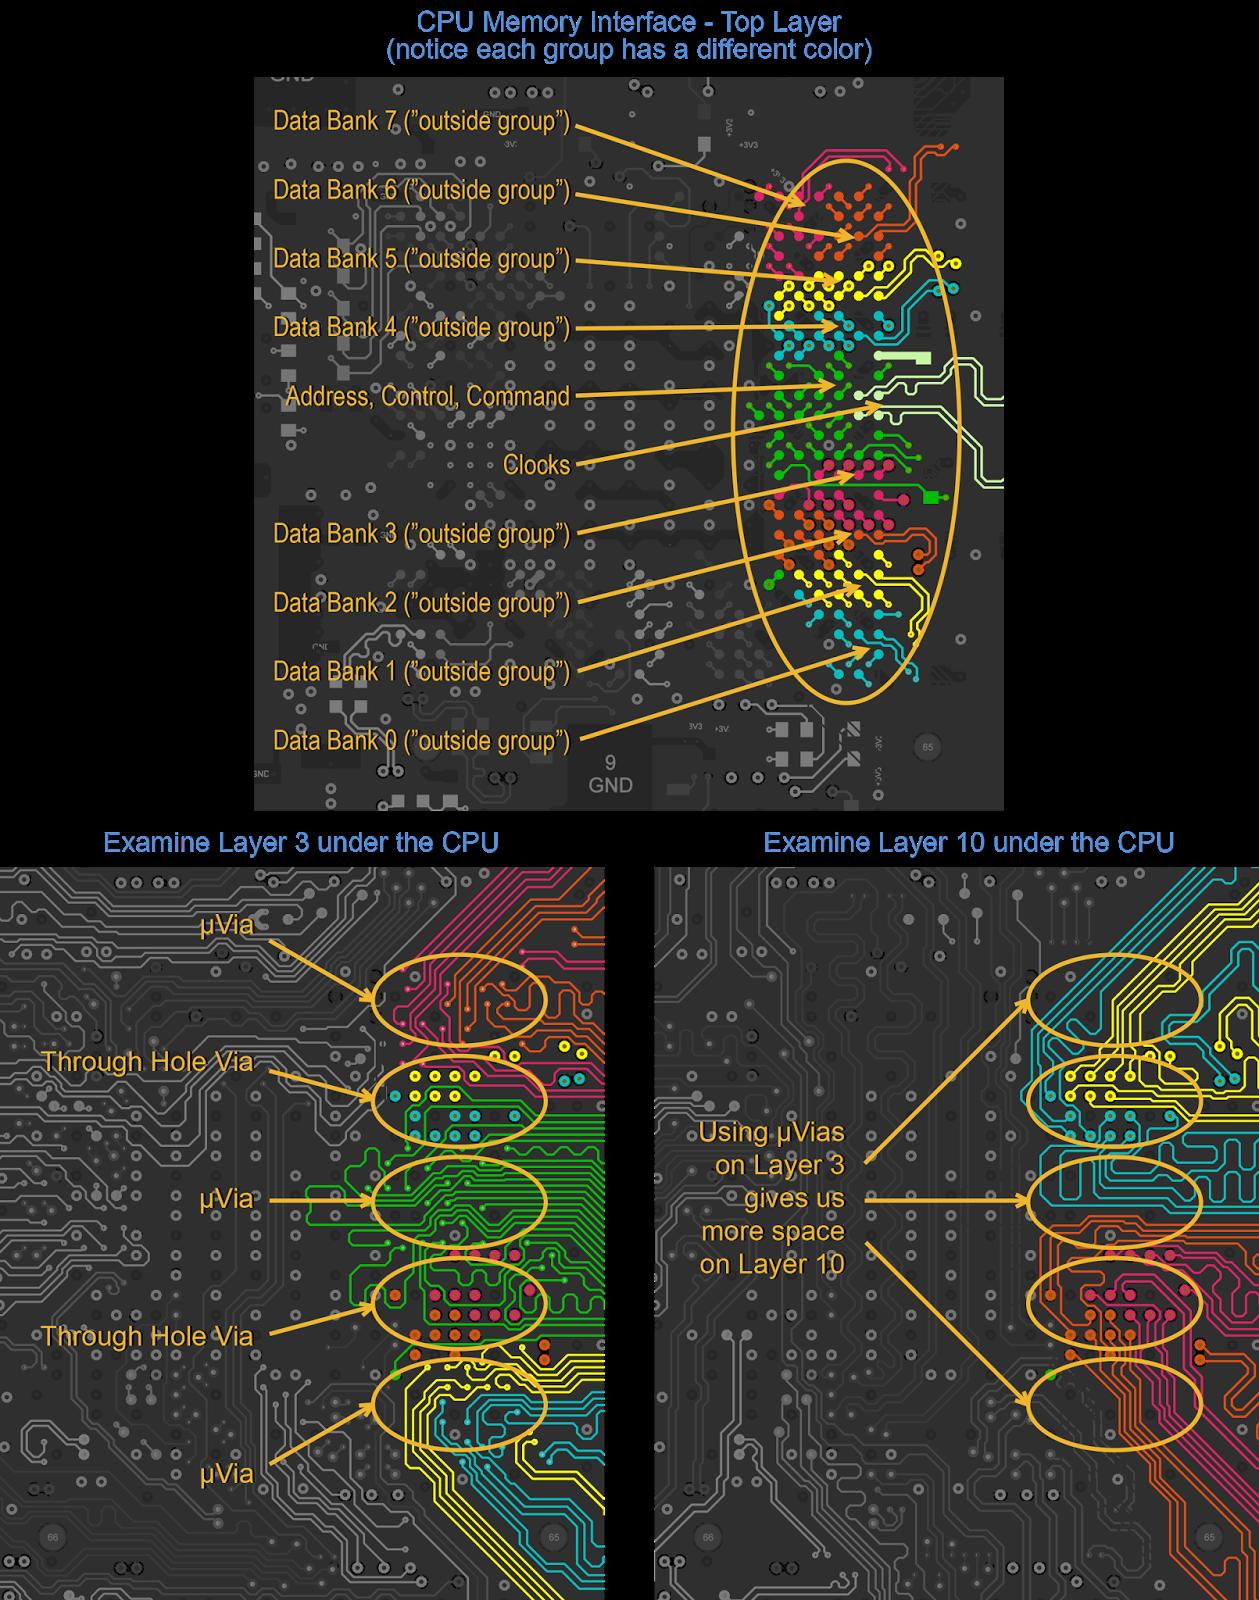 Figura 4: Elegir un tamaño de vía correcto puede ayudar a ahorrar espacio para más pistas en las conexiones del CPU